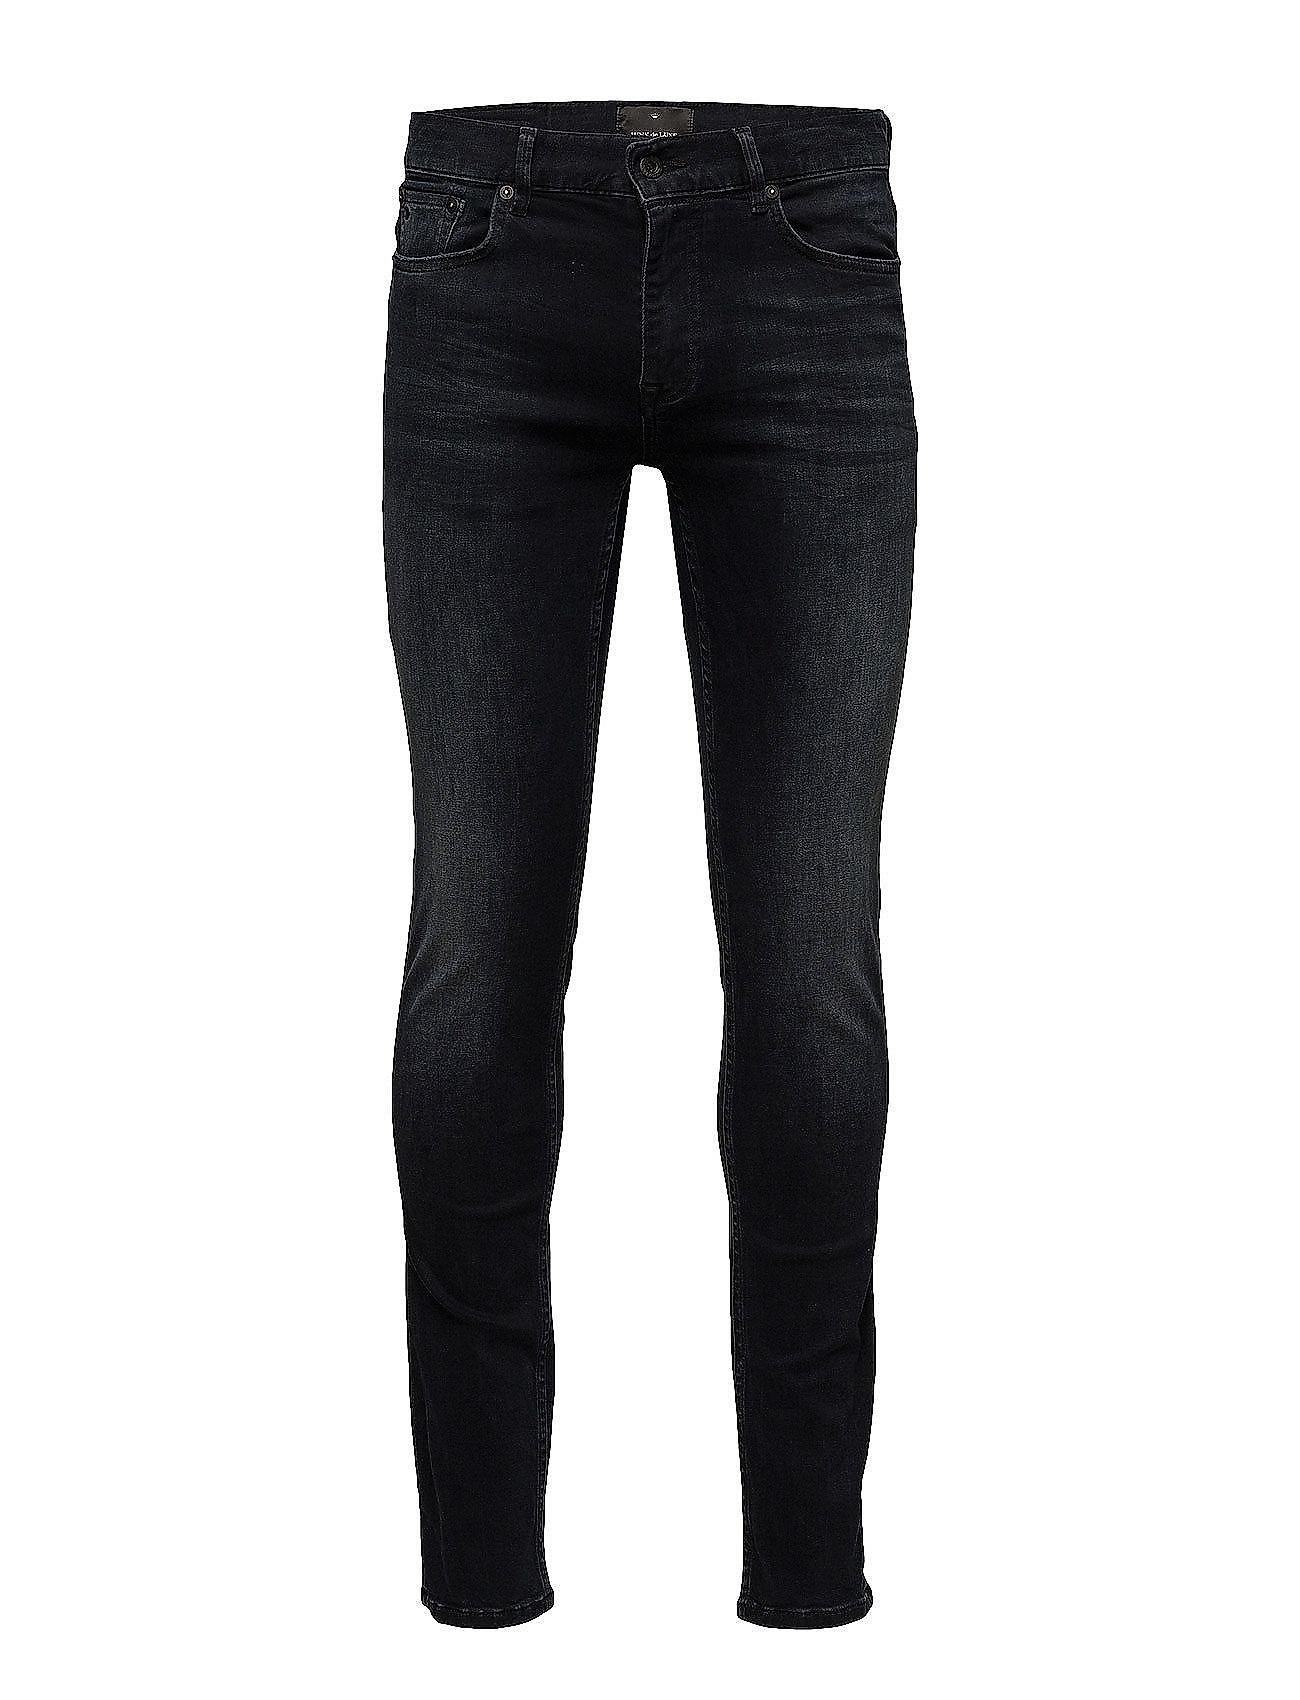 JUNK de LUXE Shadow indigo skinny jeans - SHADOW WASH